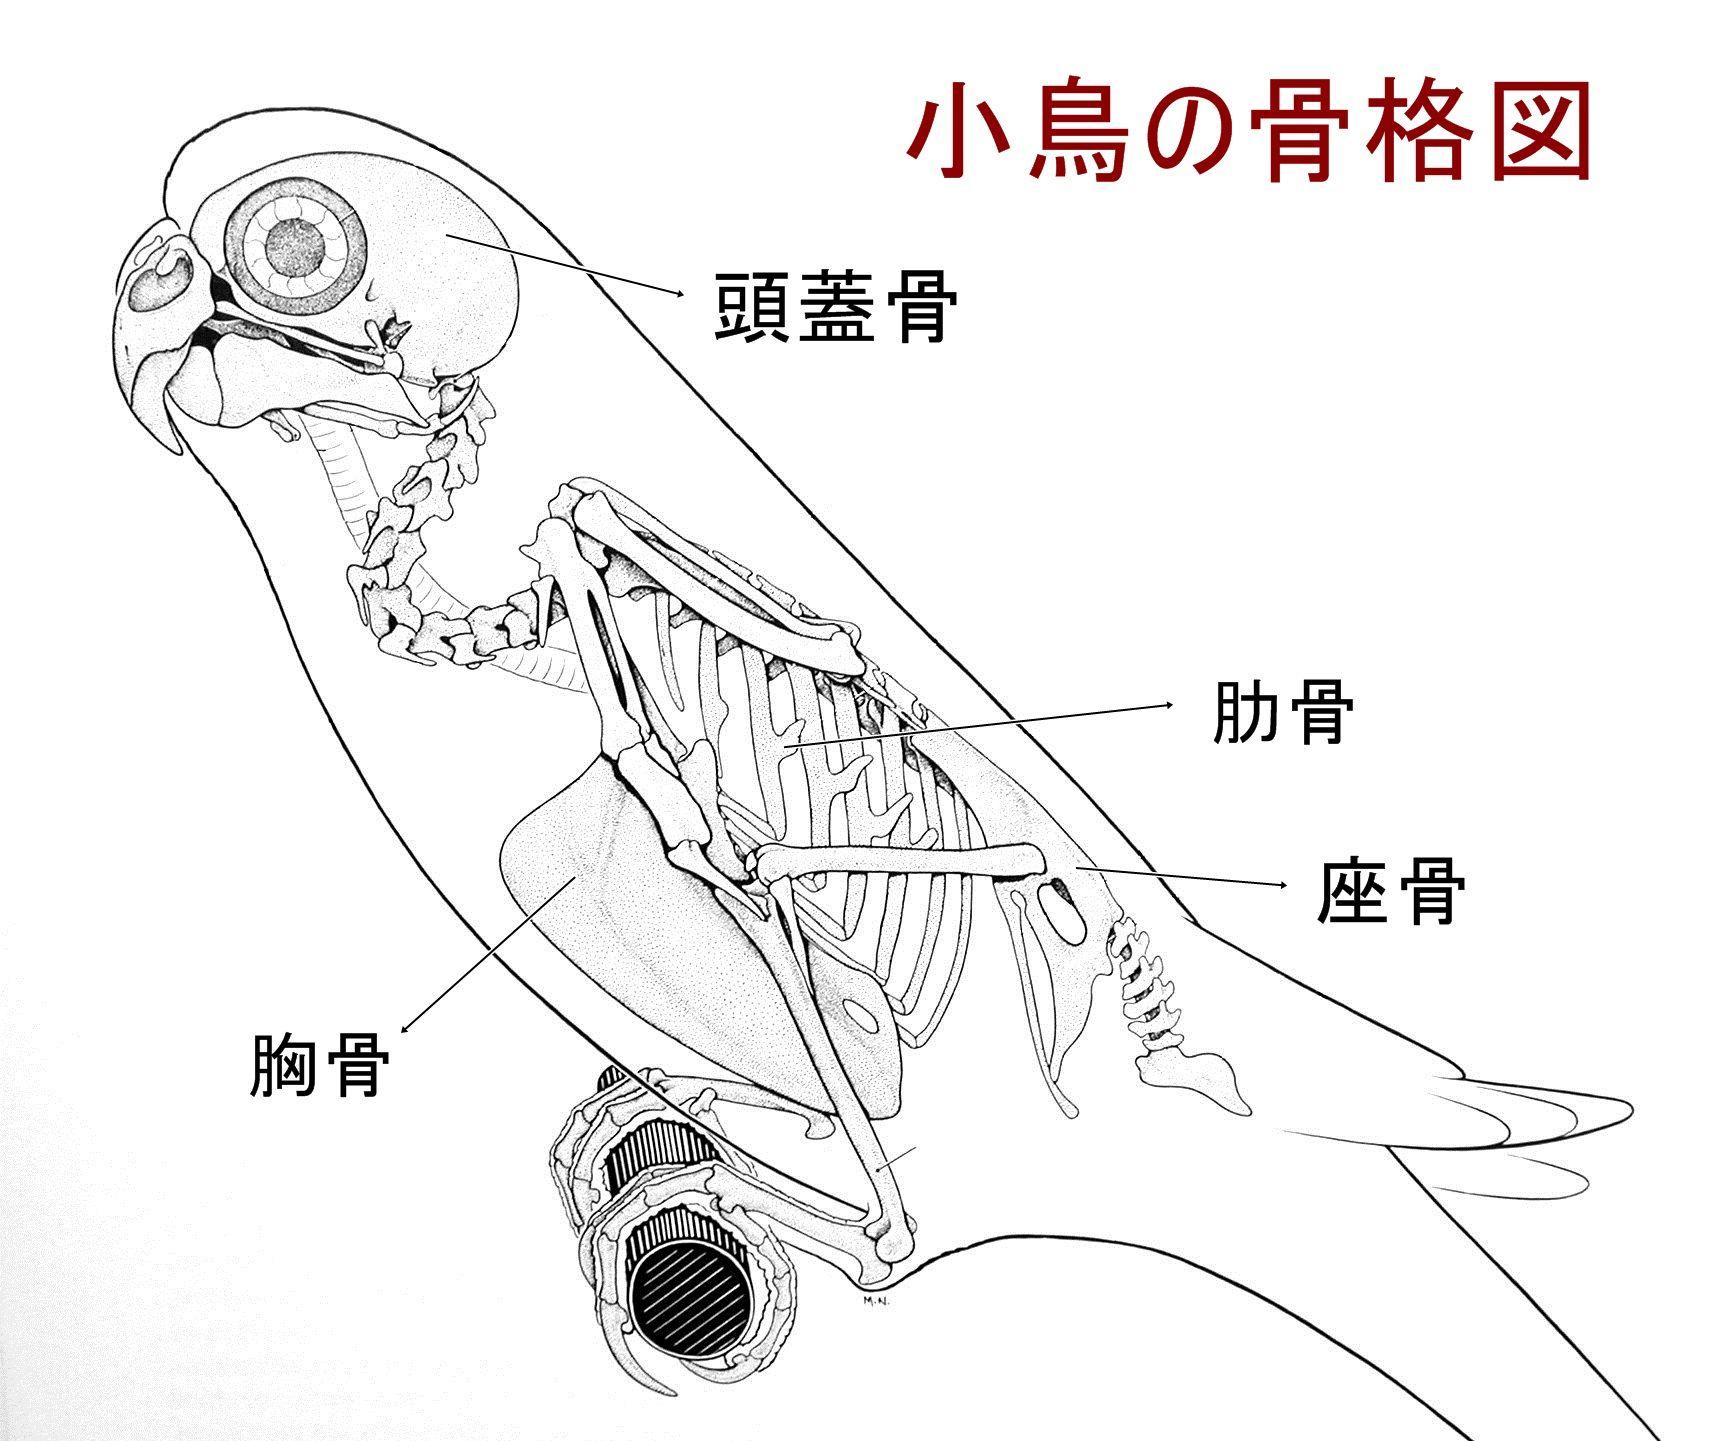 動物 骨格 イラスト